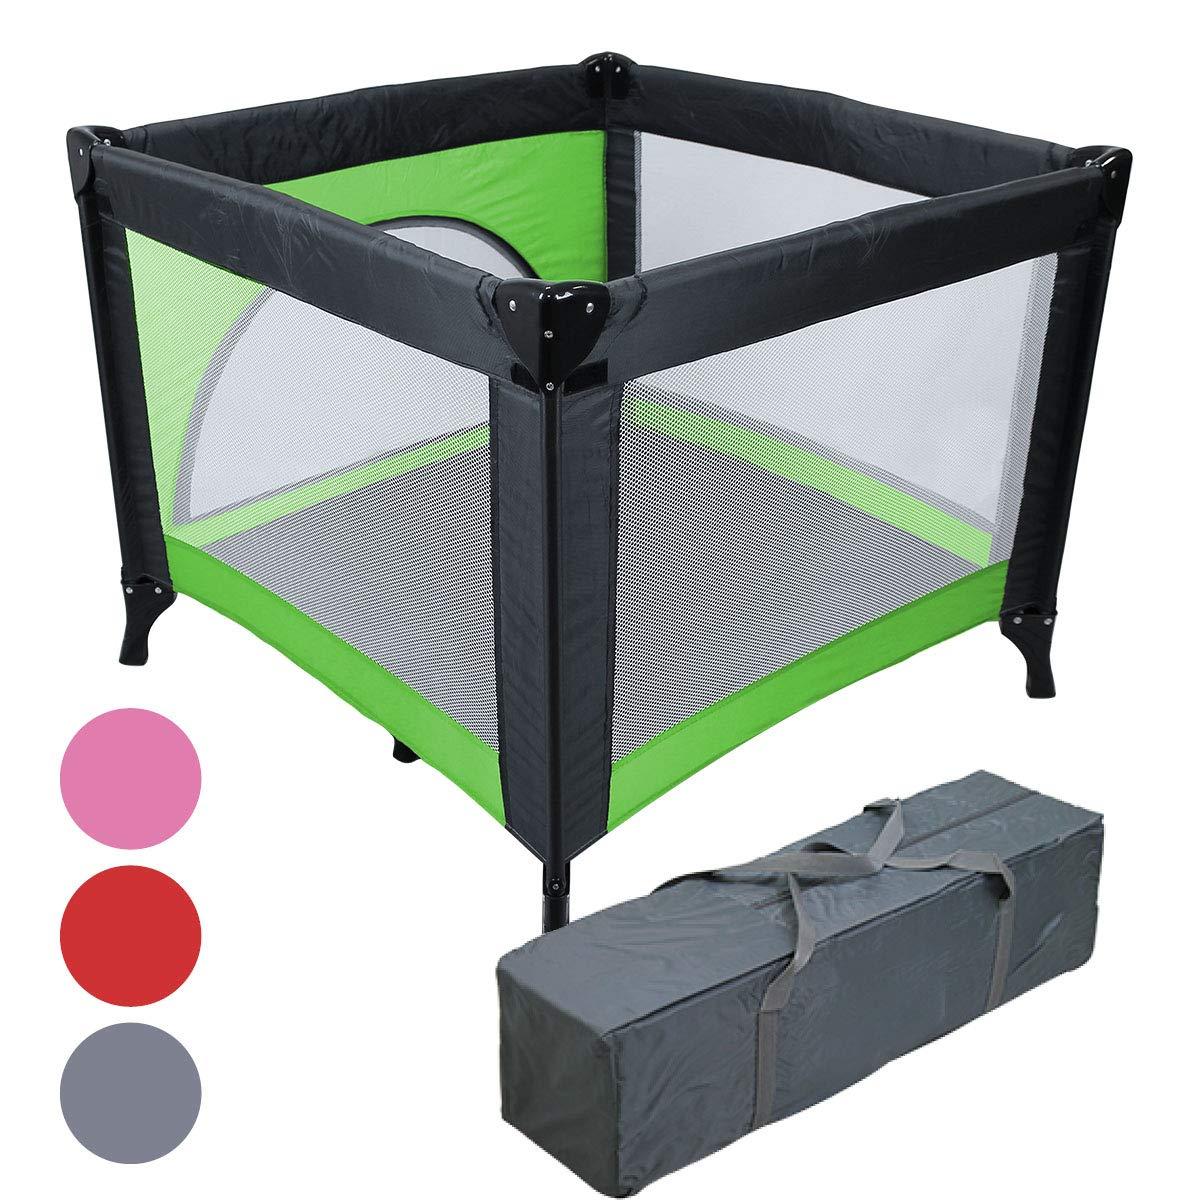 Monsieur Bébé ® Parc pliable 90cm x 90cm avec Matelas + Sac de transport - Trois coloris - Norme NF EN12227 - Vert product image